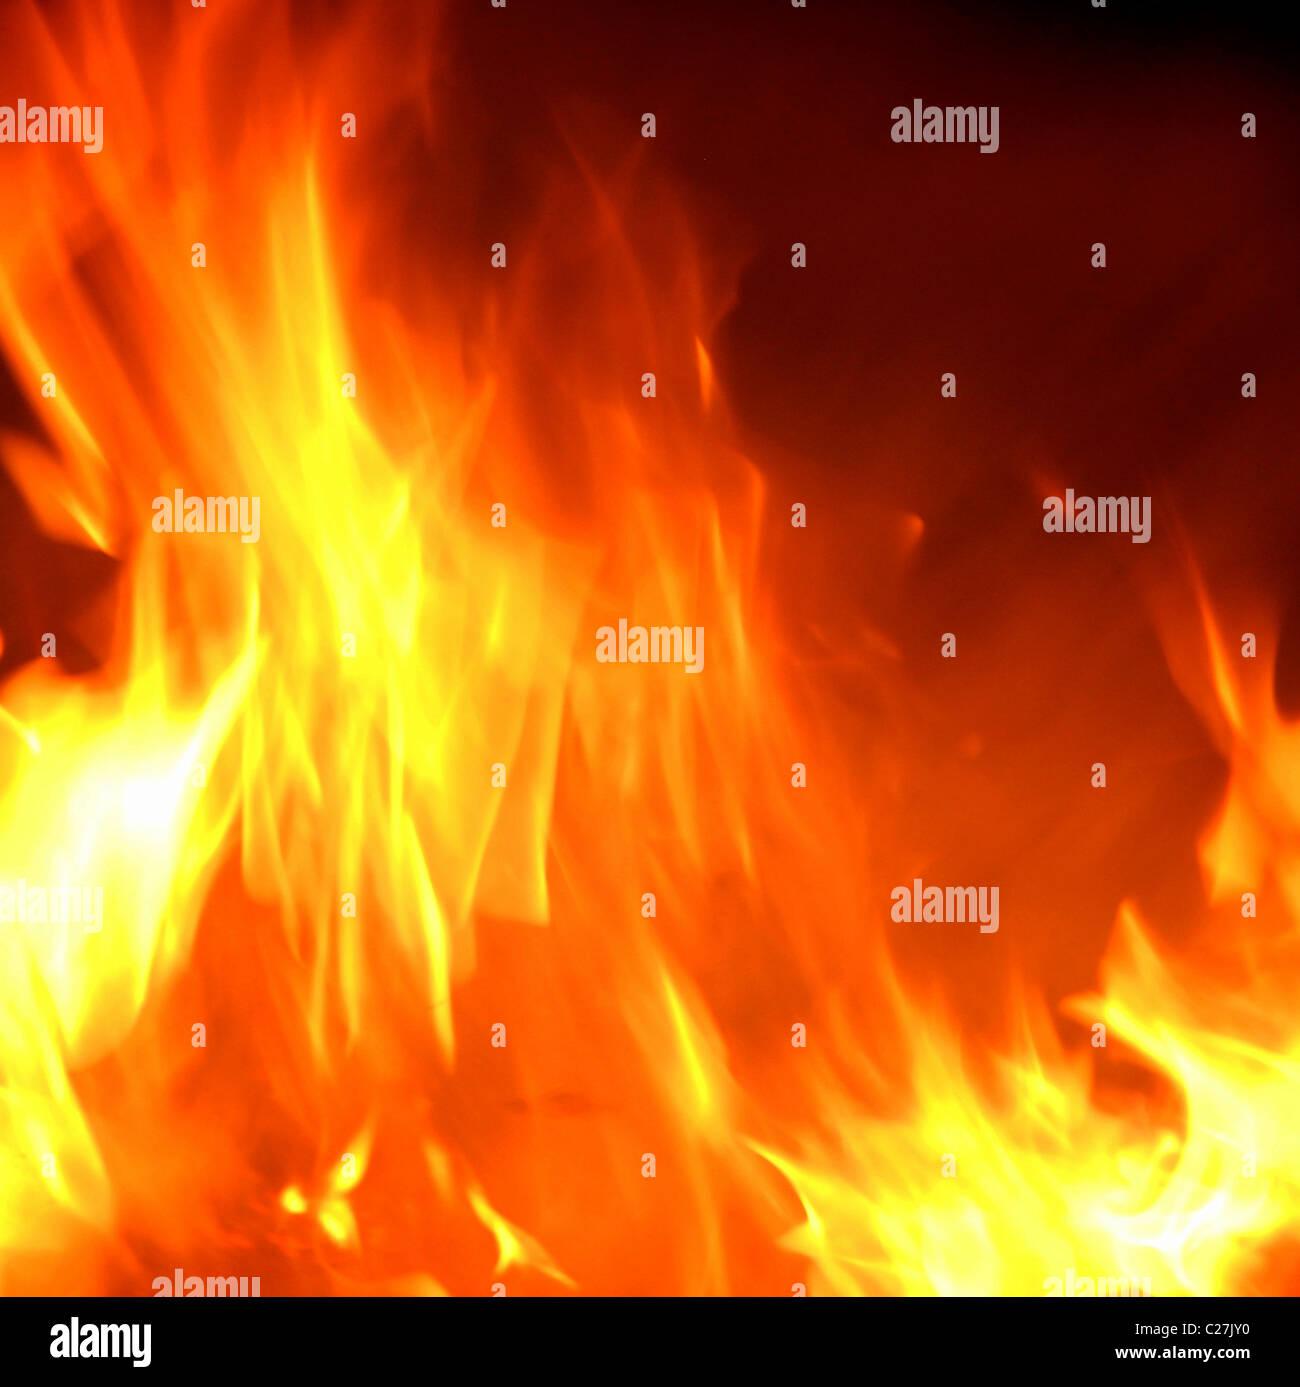 Flammes d'un incendie, d'Inferno. Corps lumineux chaud de brûler le gaz provenant de la combustion Photo Stock